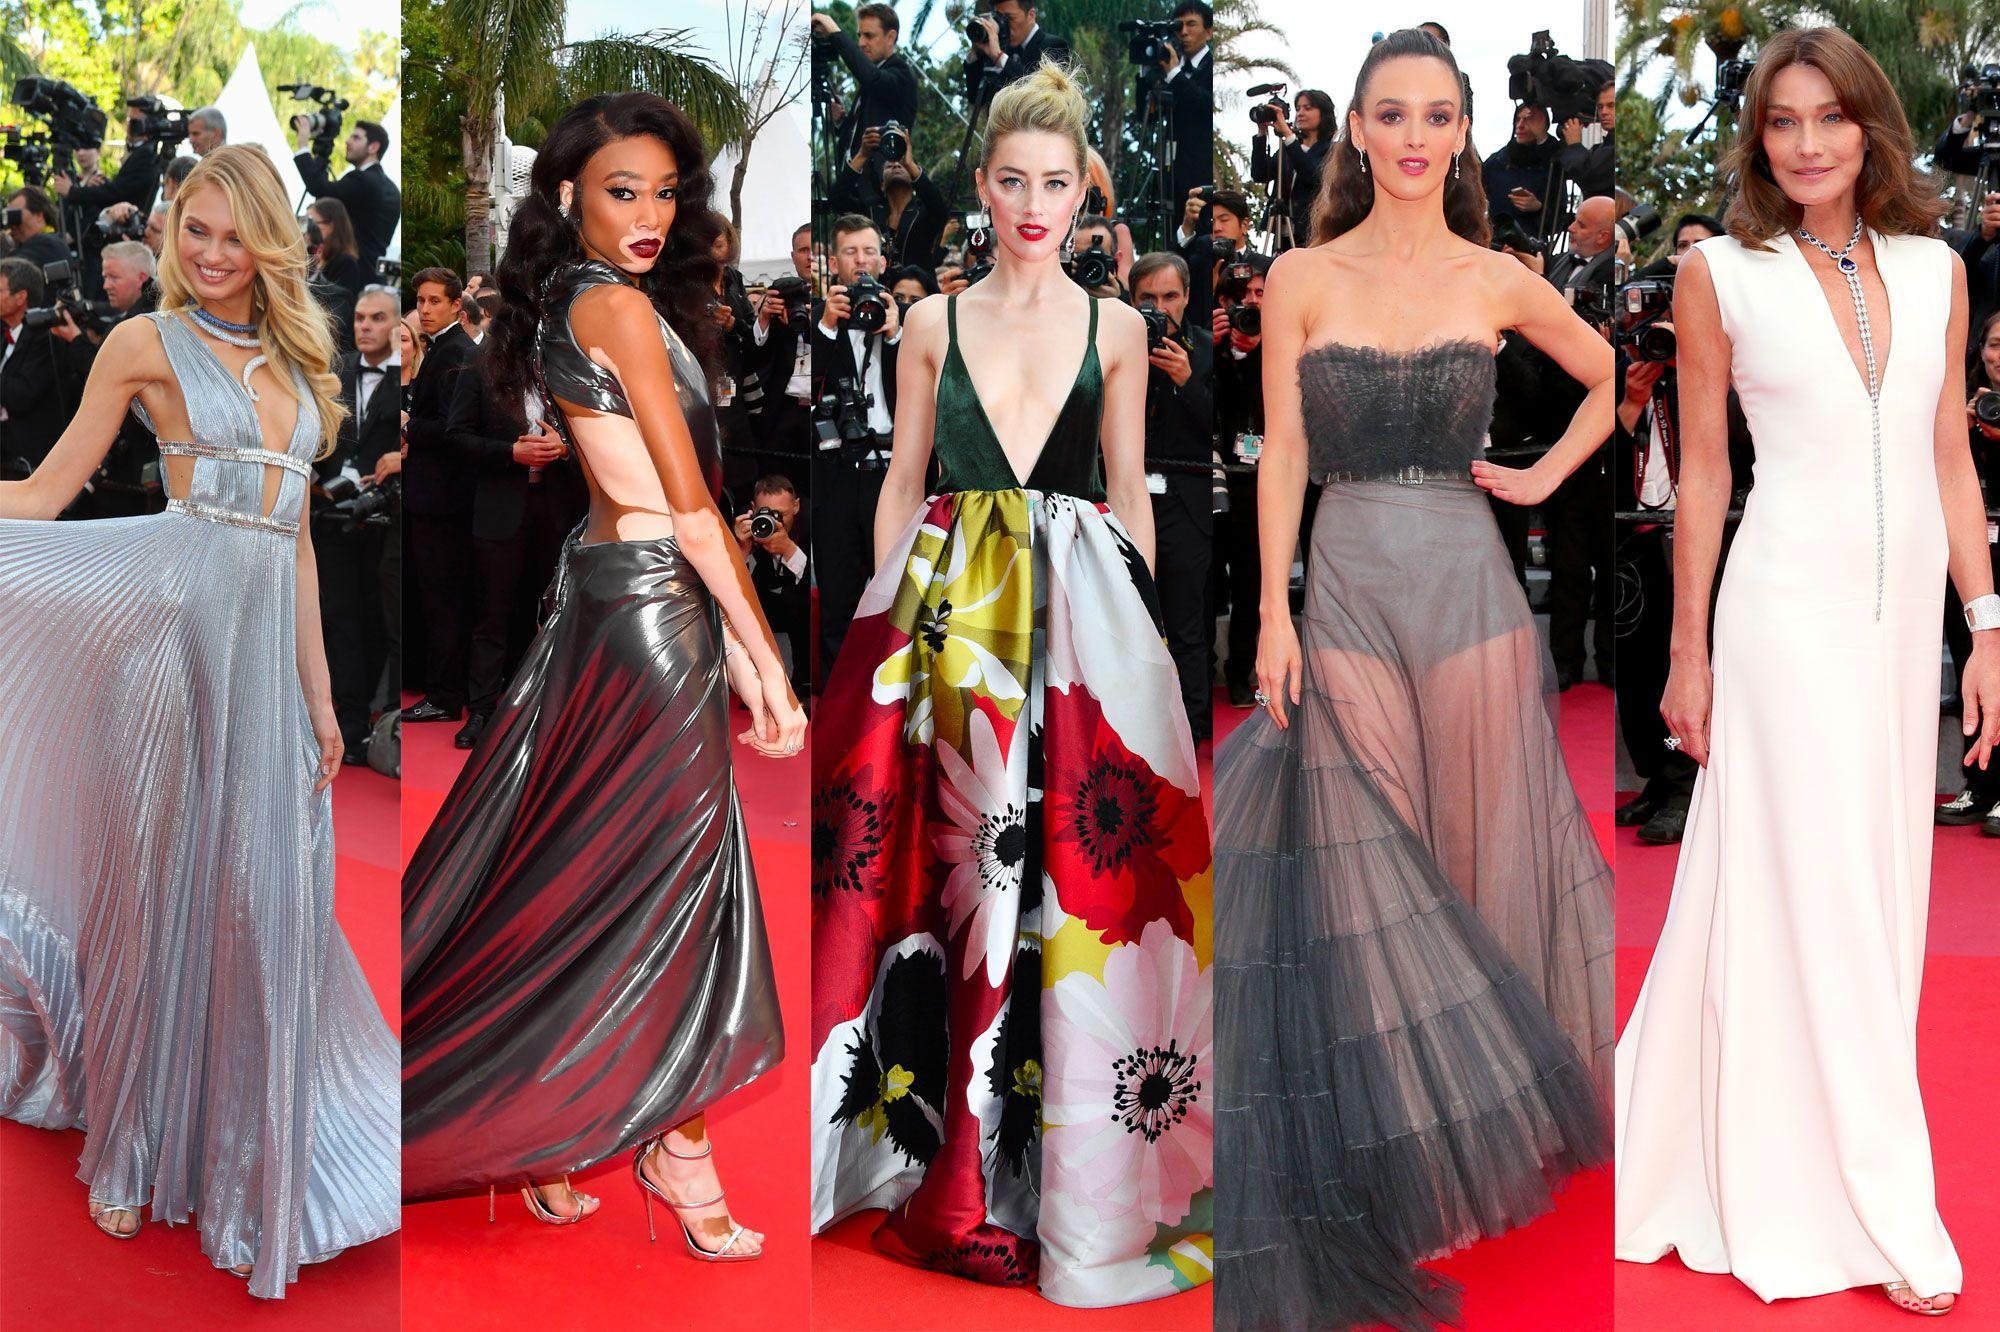 Festival Du 2018Les Belles Plus Robes Cannes n0wXO8Pk